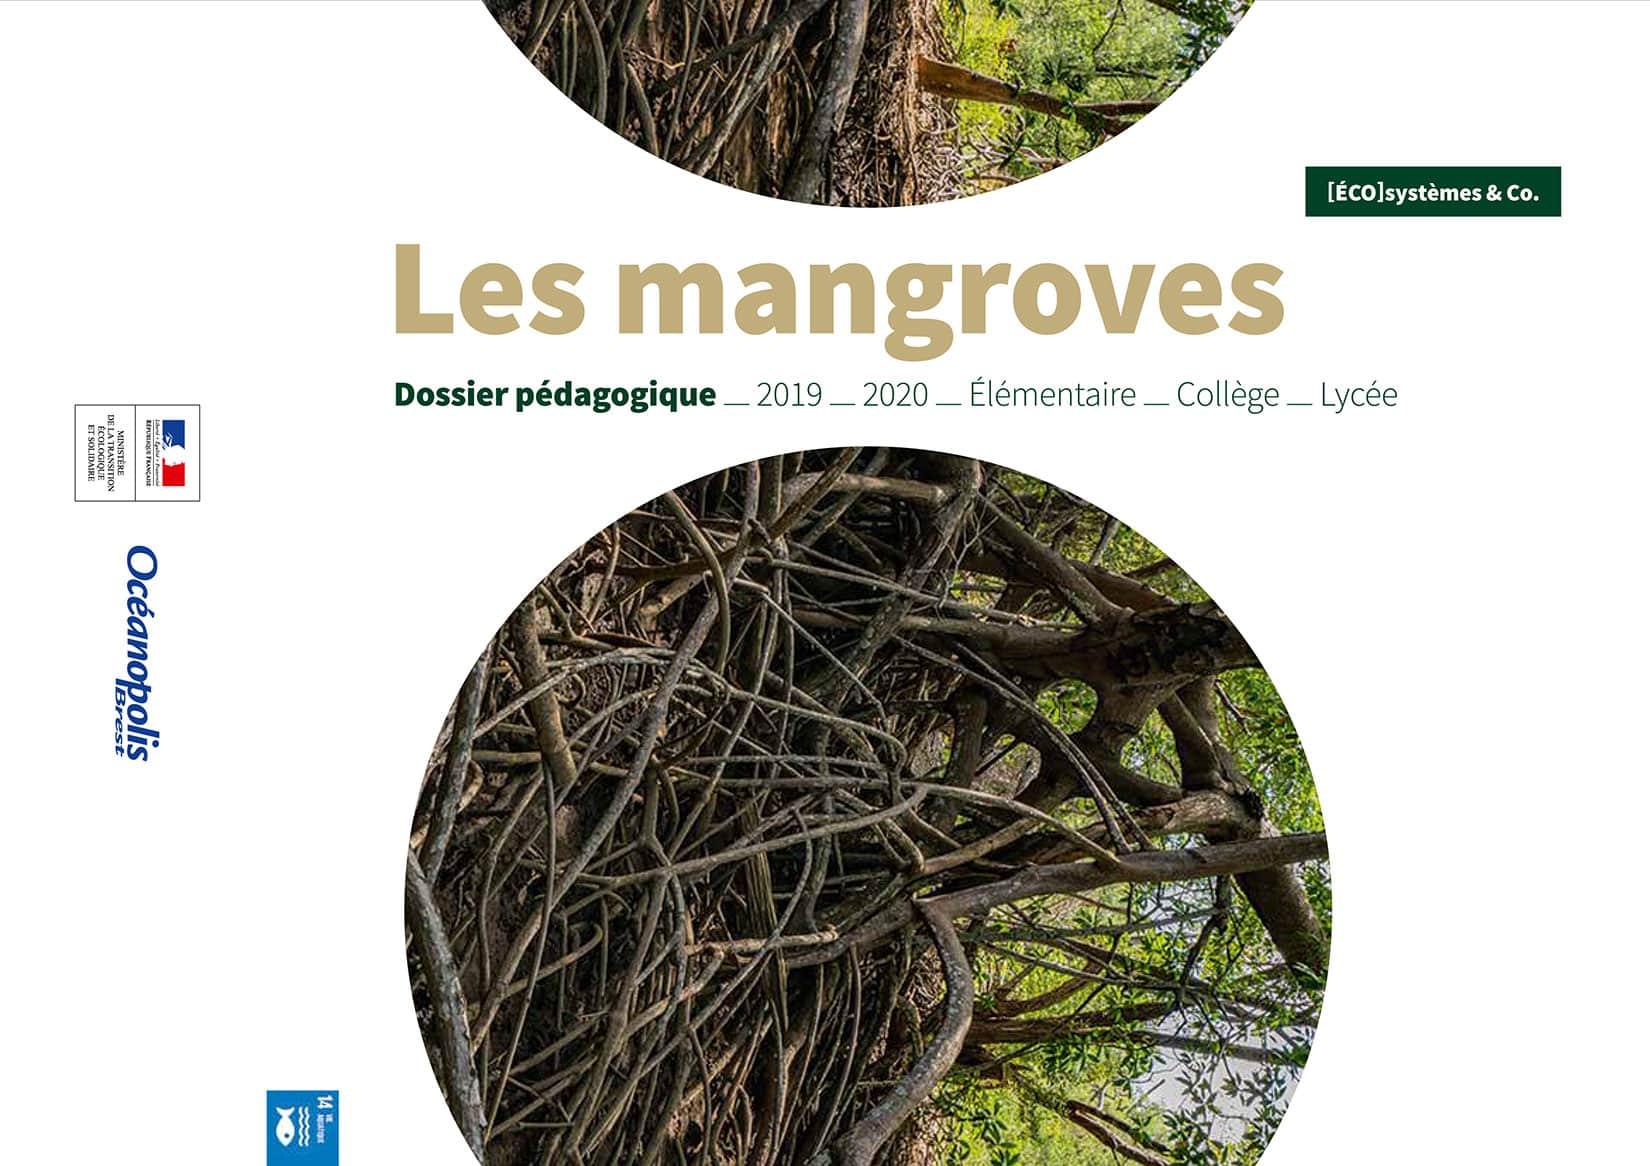 Couverture du dossier pédagogique sur les mangroves